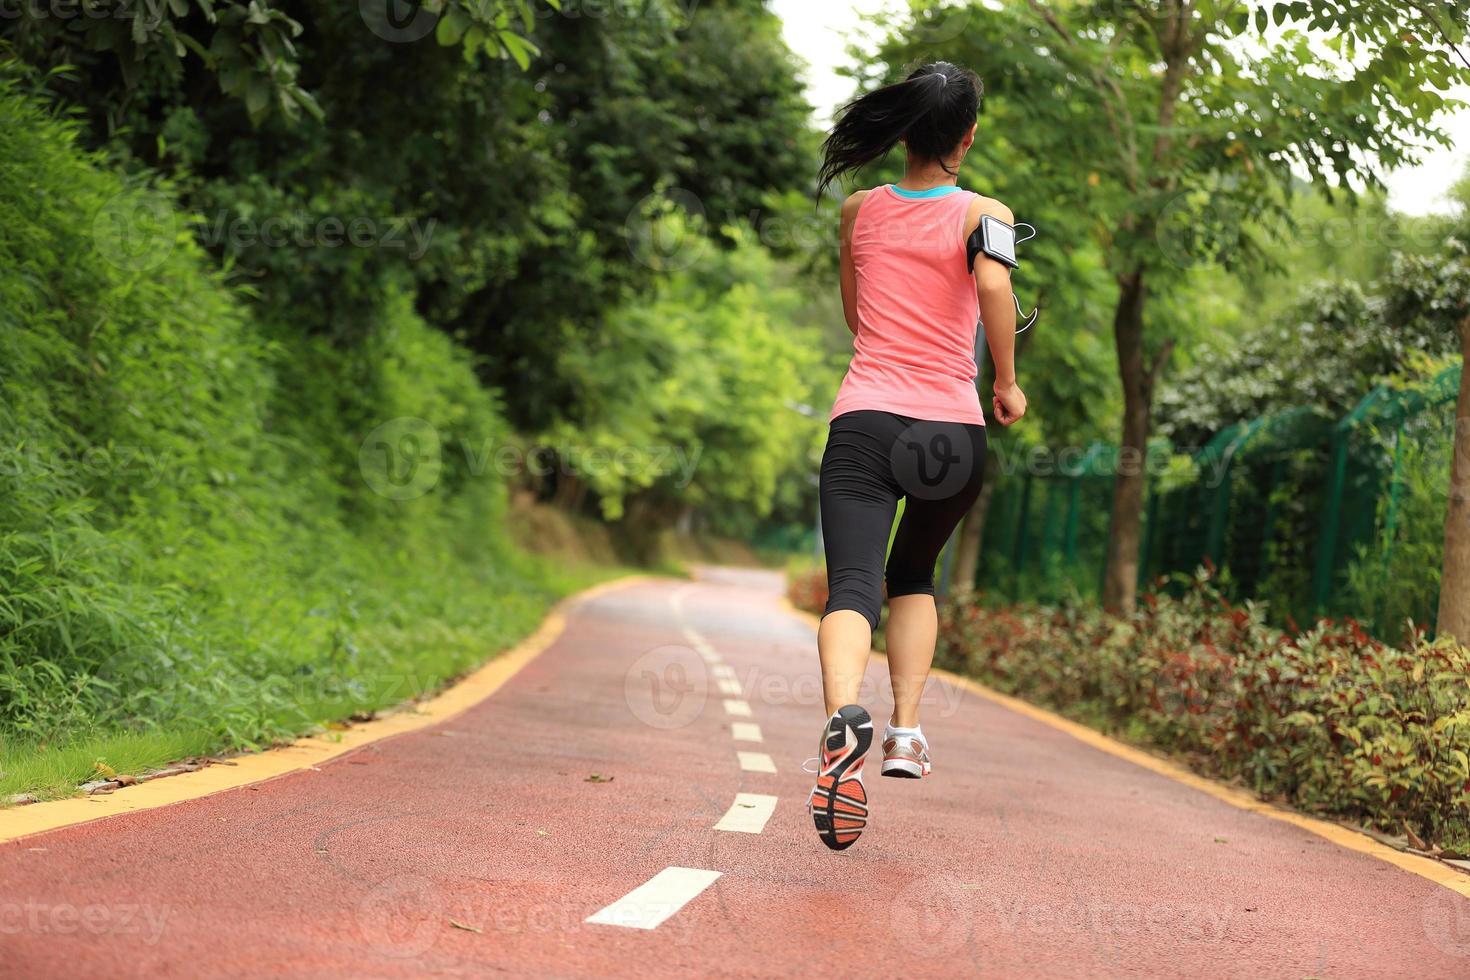 mujer joven corriendo por un sendero del parque foto